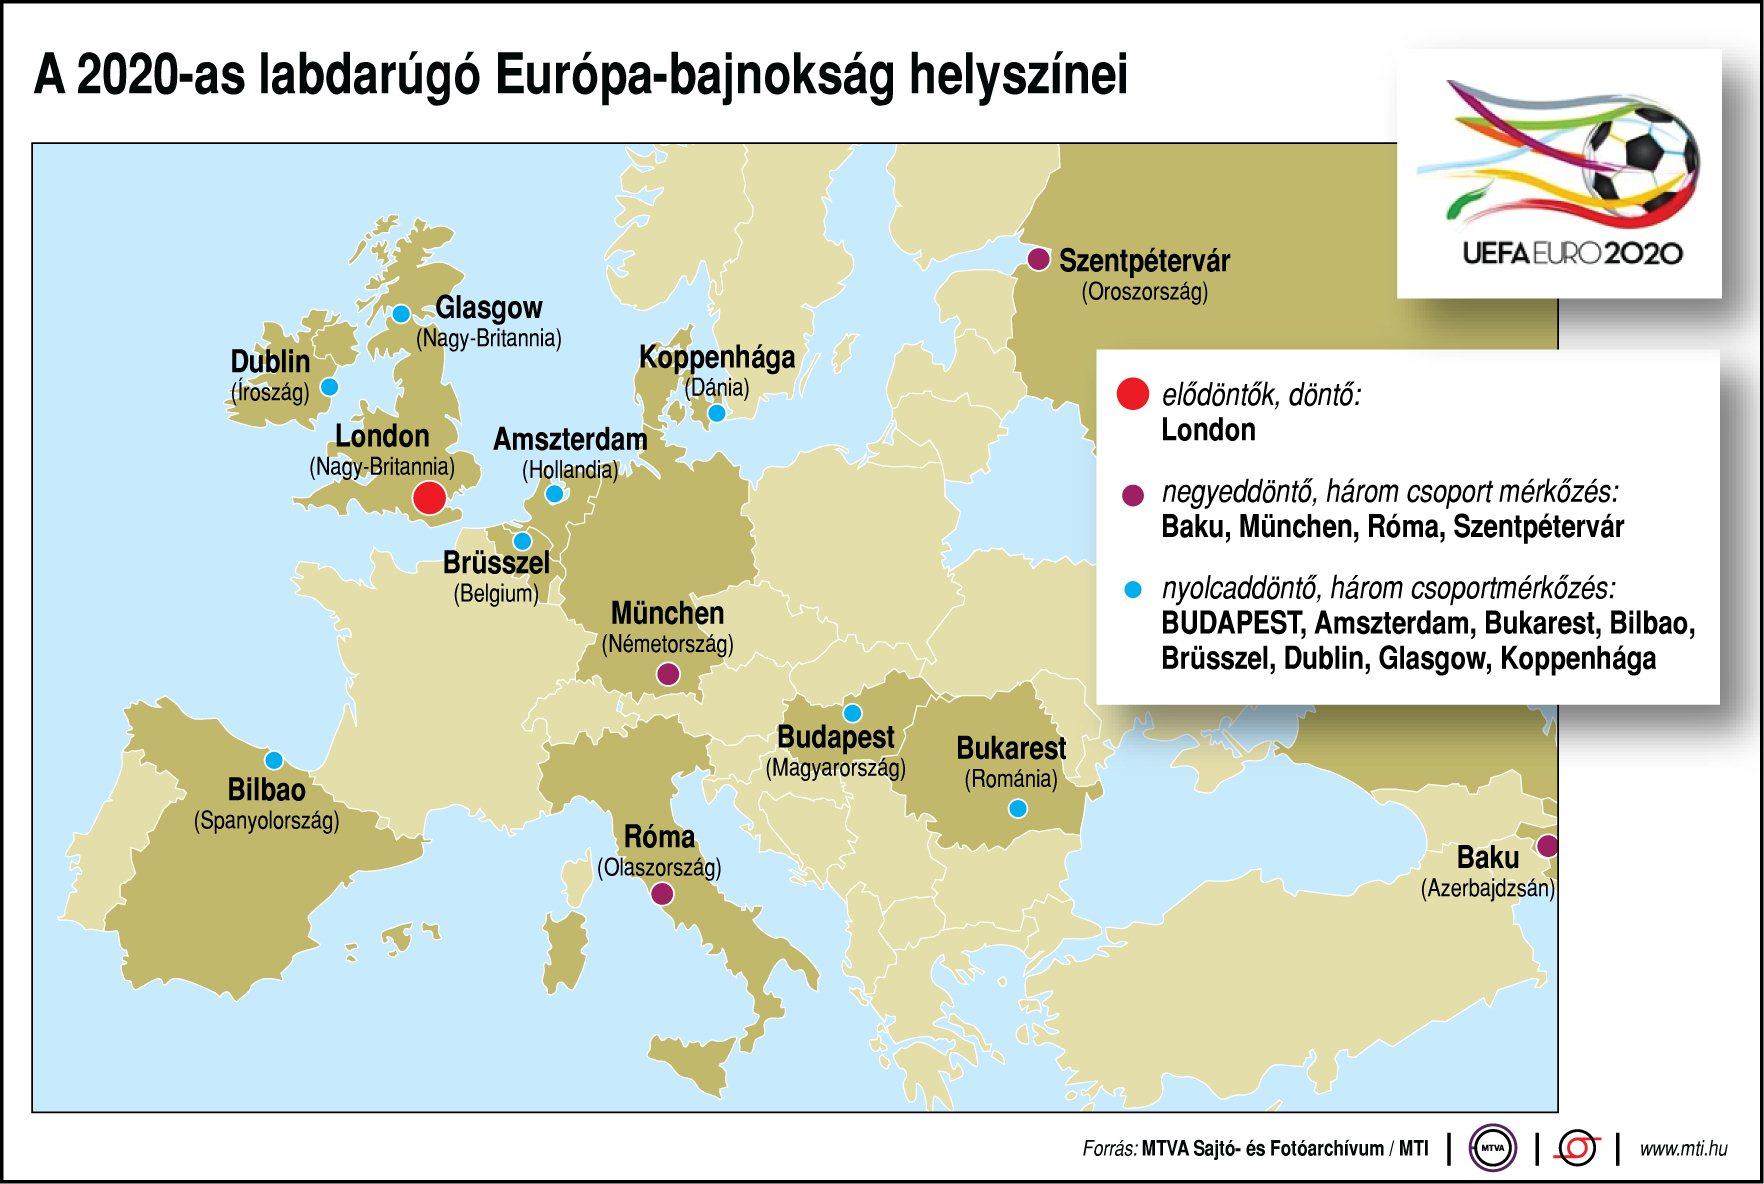 Labdarúgó-Eb selejtezők időpontja, helyszínei - Az E-csoport mérkőzései